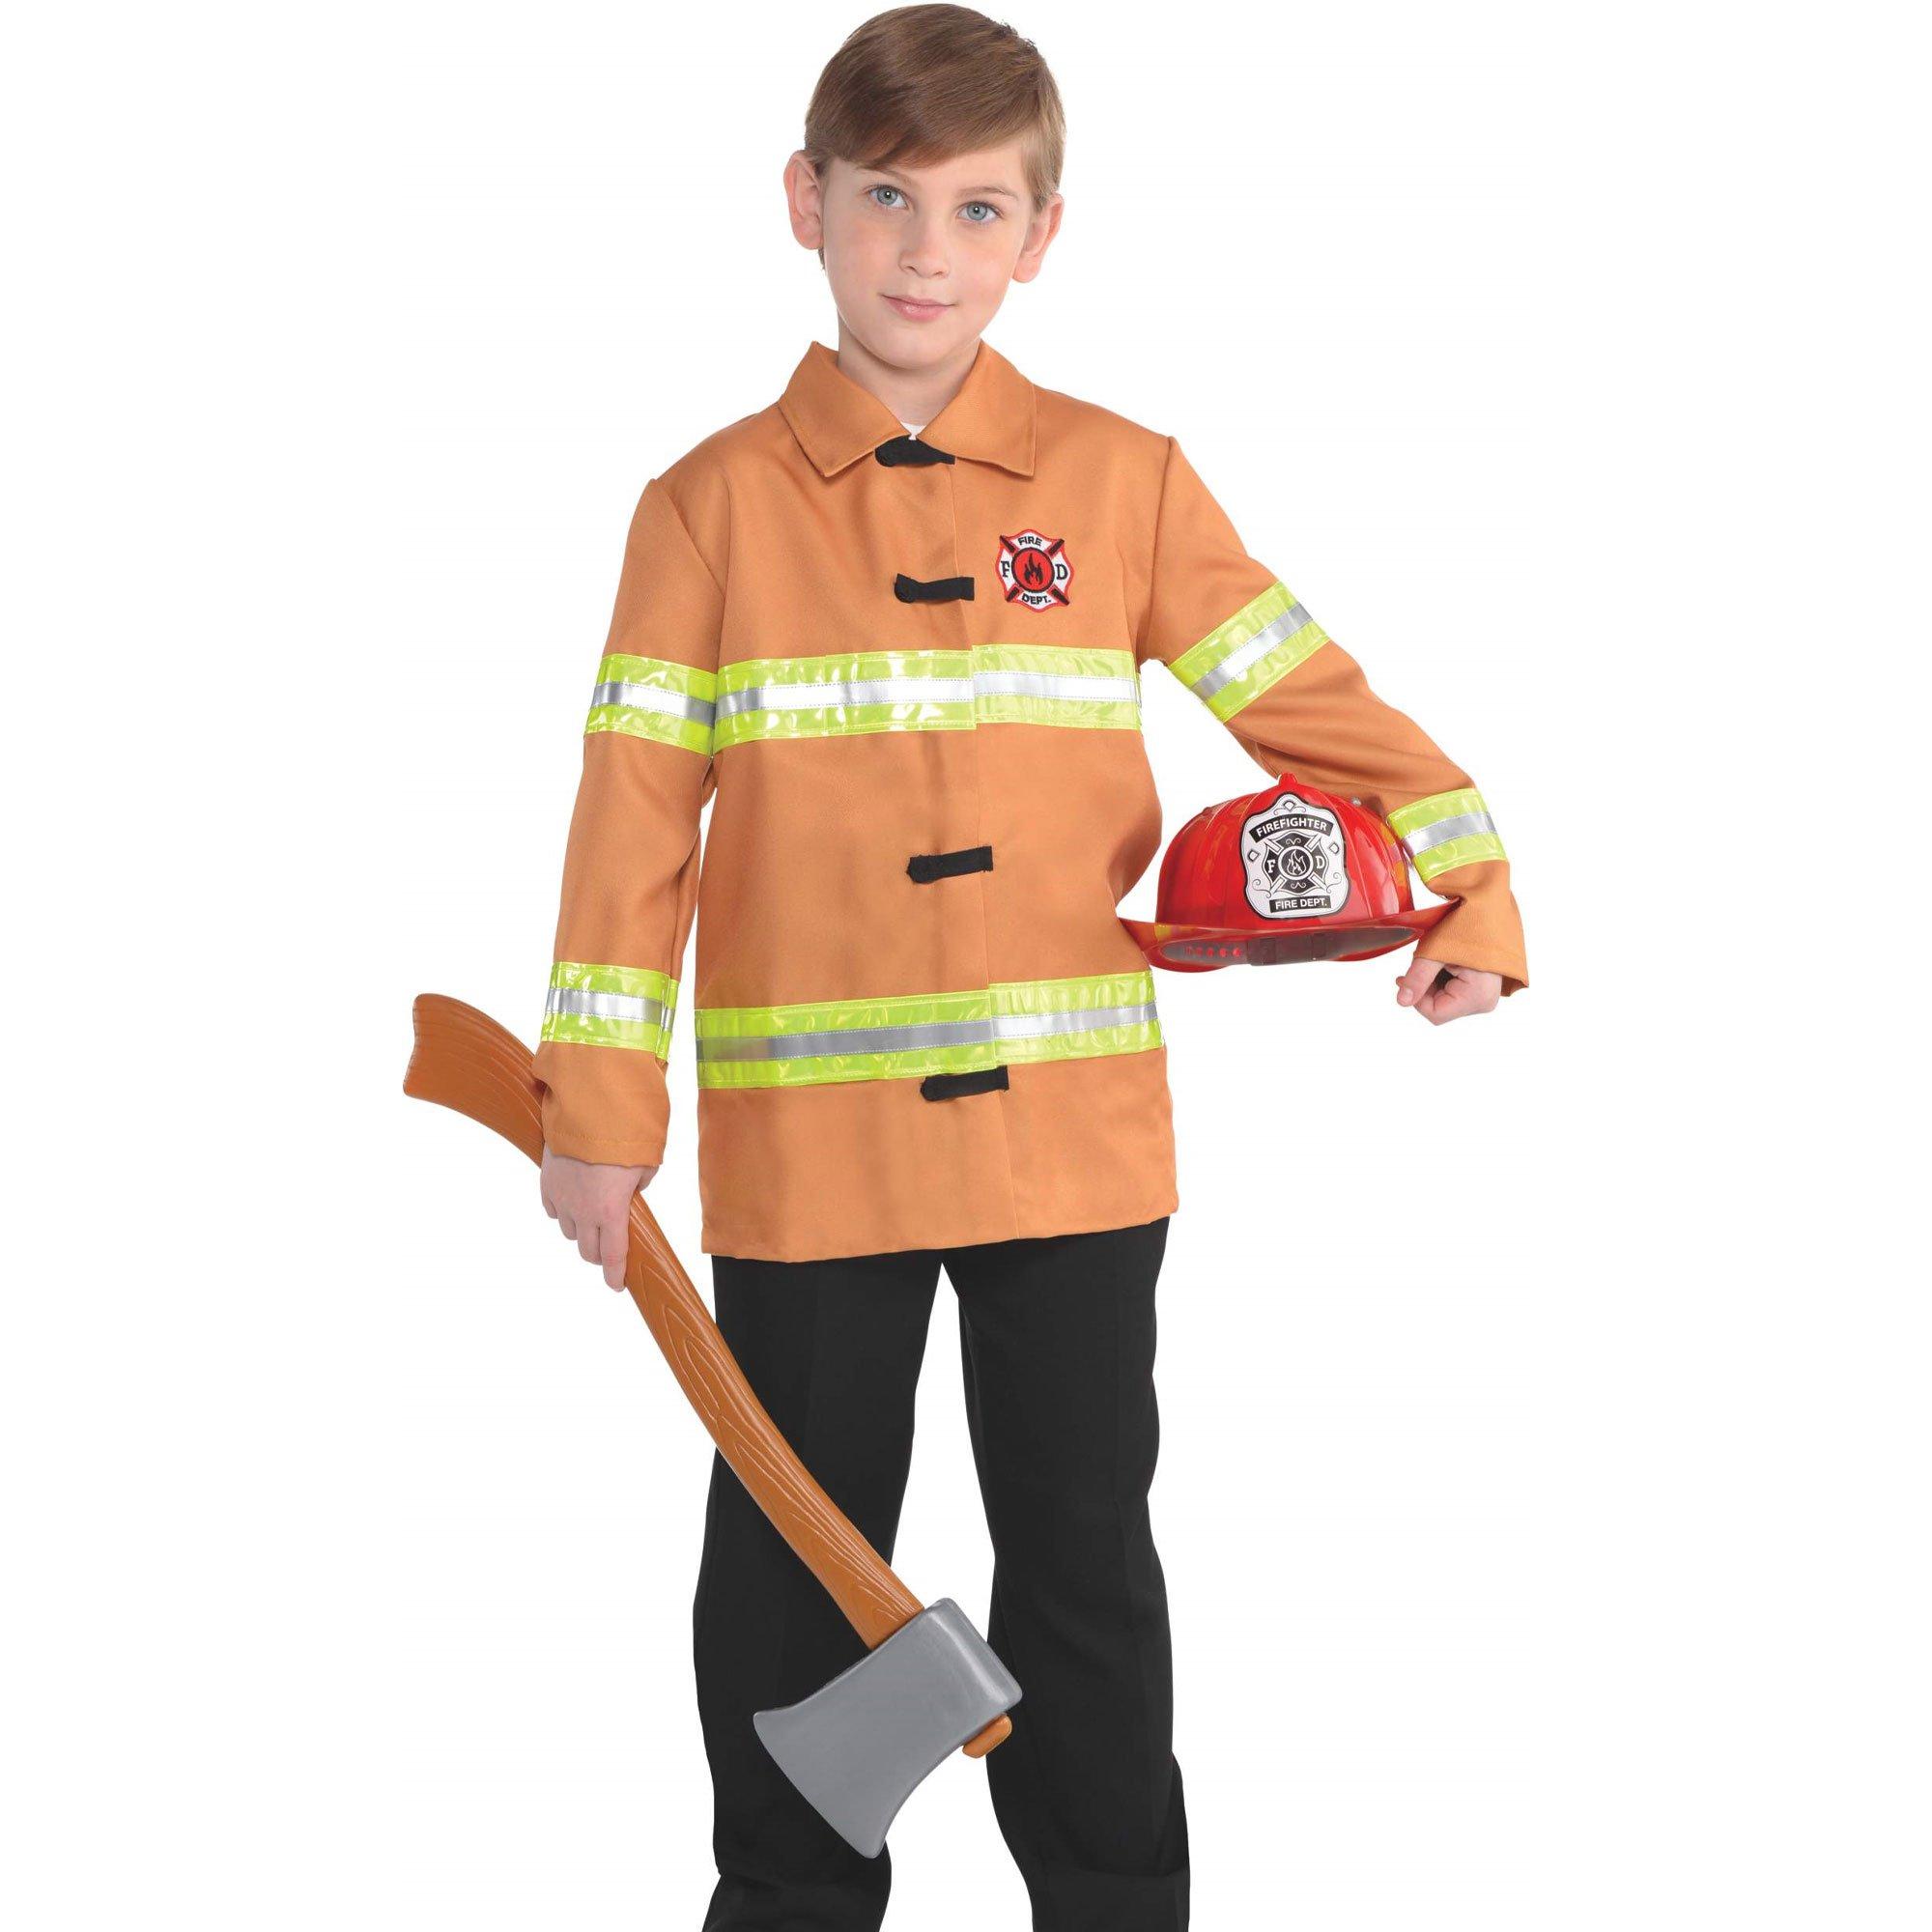 Firefighter Jacket Child Size